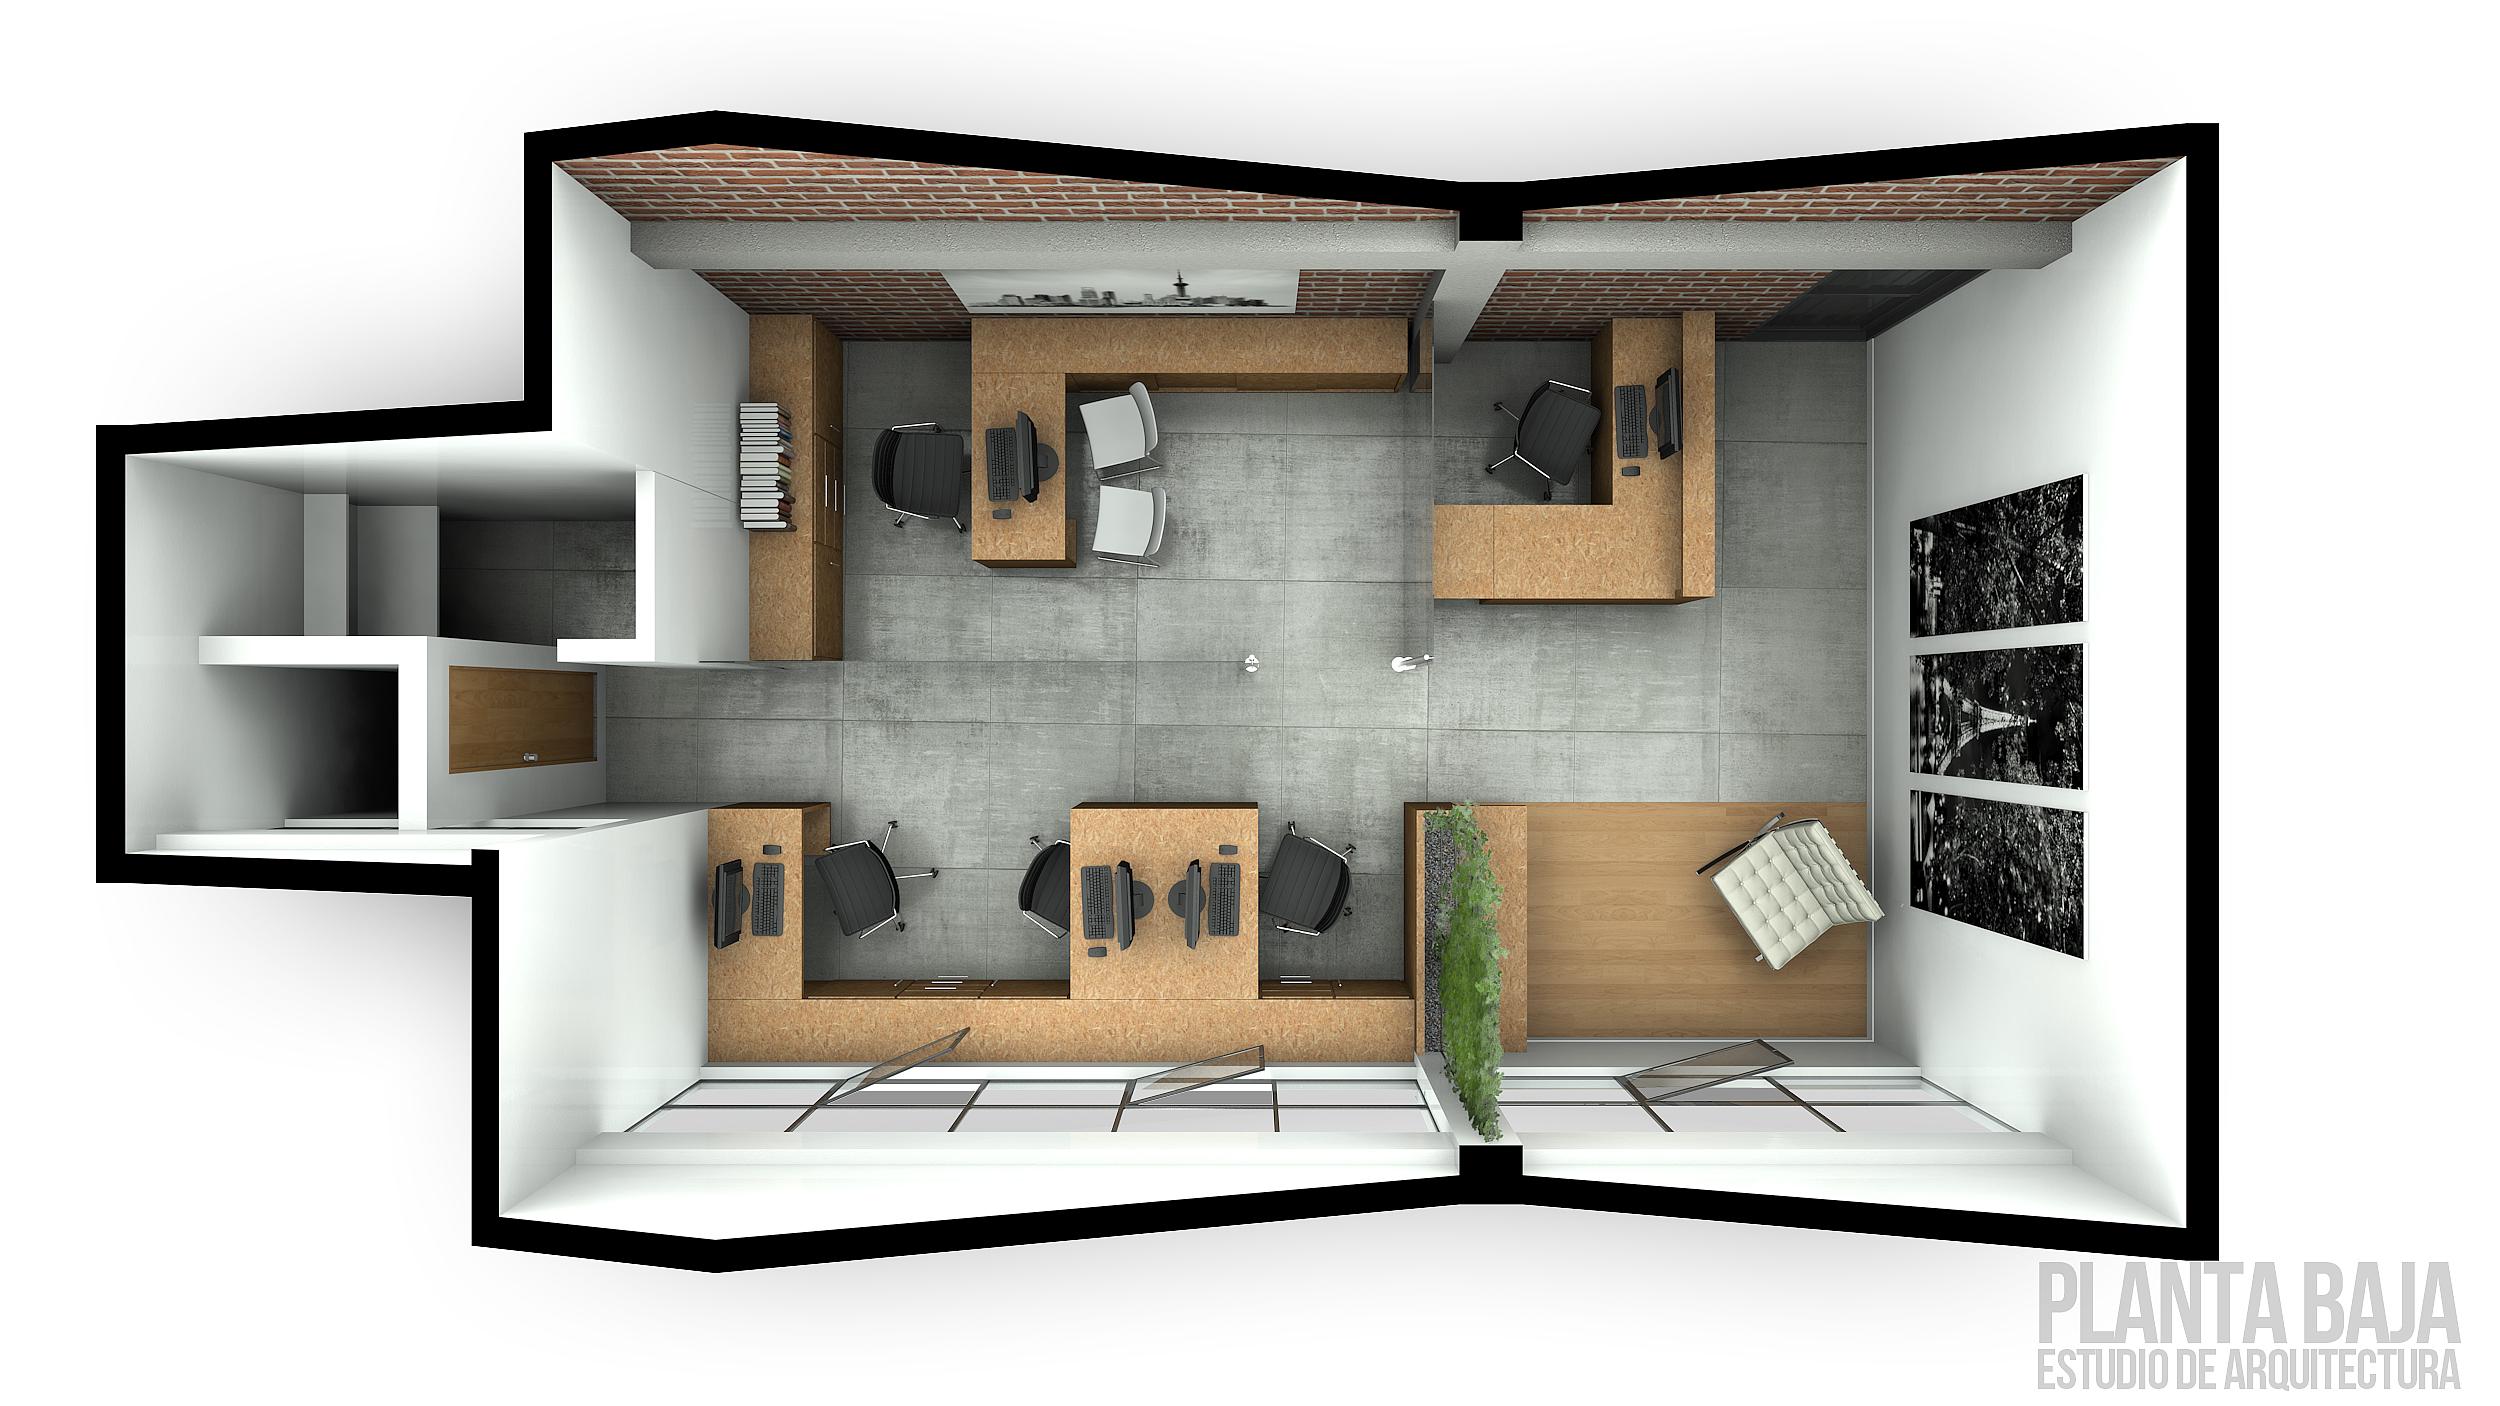 5 ideas para el dise o de espacios peque os for Diseno de espacios pequenos